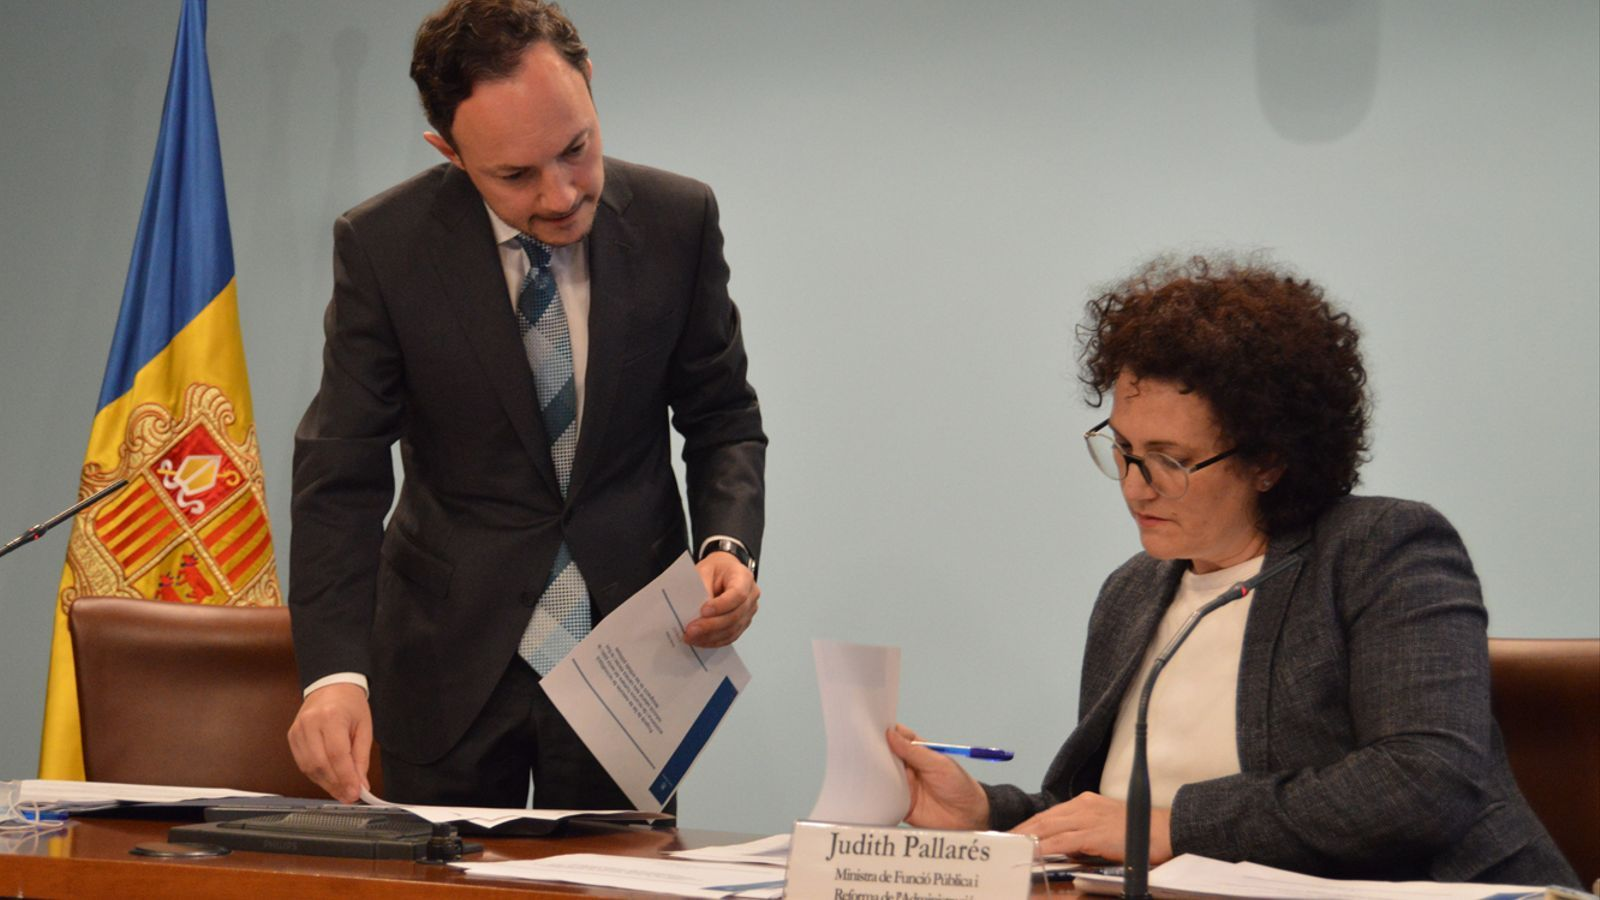 El cap de Govern, Xavier Espot, i la ministra de Funció Pública, Judith Pallarés, moments abans de la roda de premsa. / M. F. (ANA)